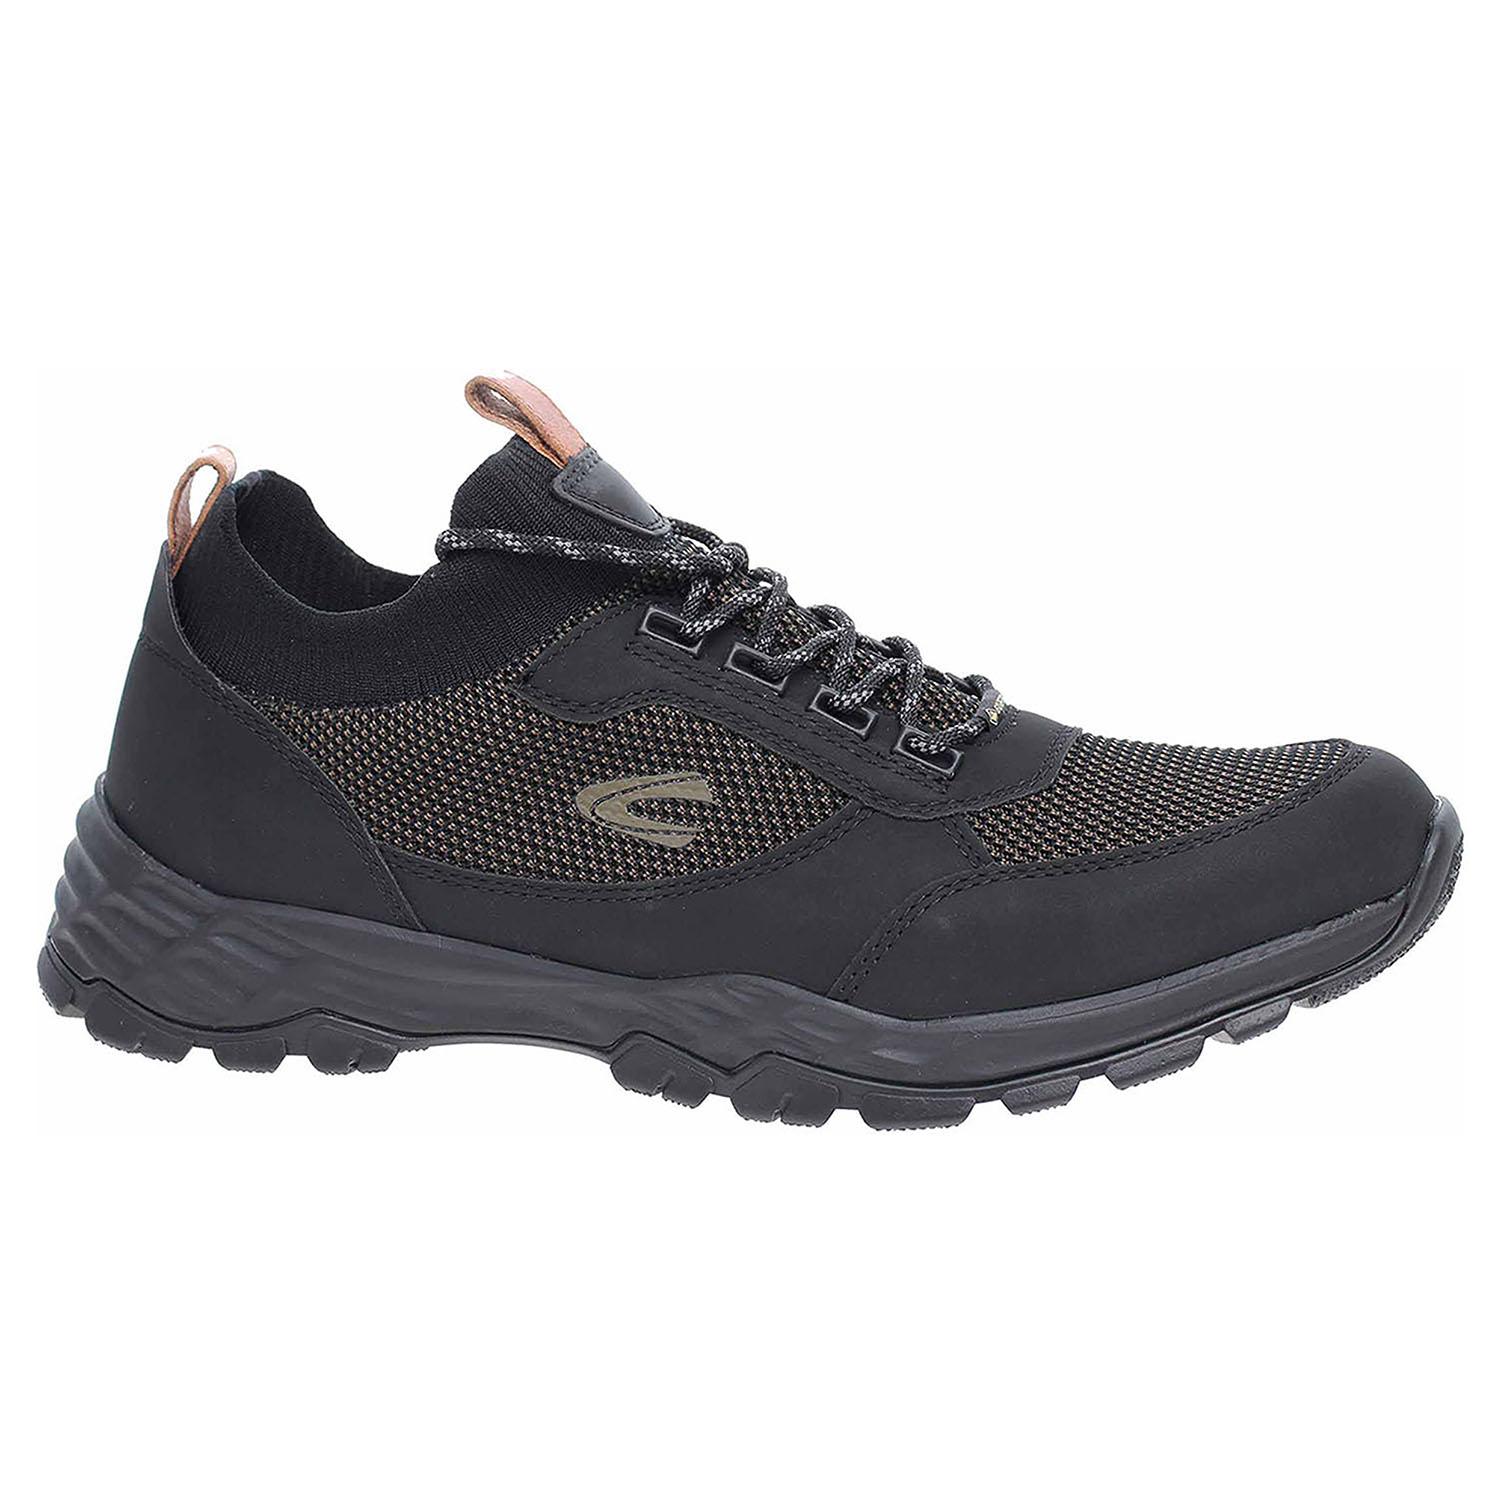 Pánská obuv Camel Active 511.12.01 black-olive 511.12.01 49